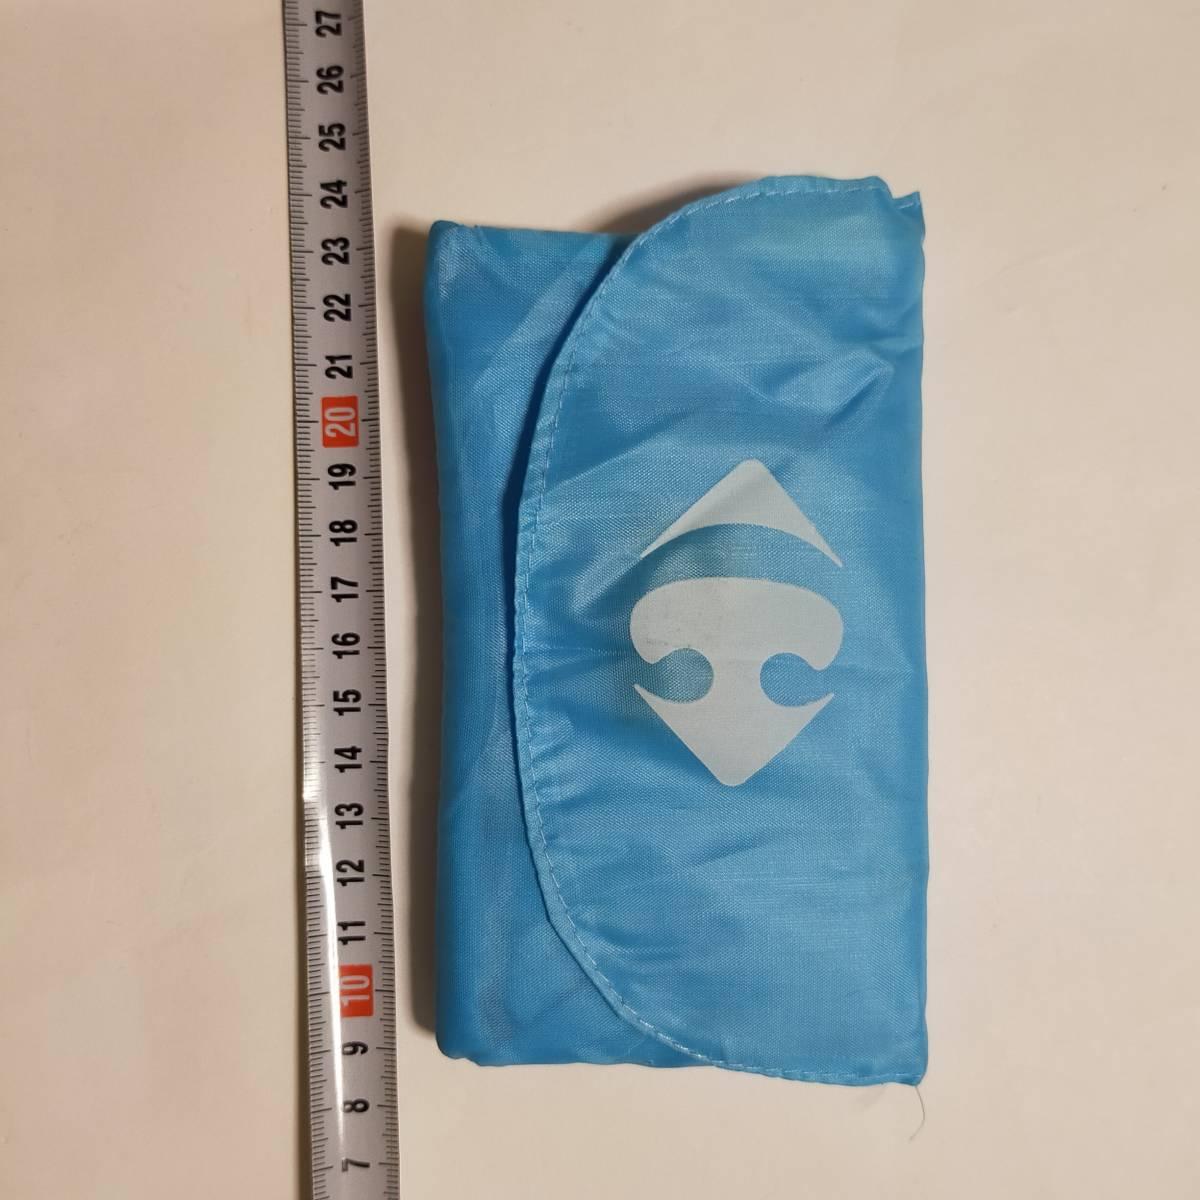 エコバッグ トートバッグ 鞄 バッグ 水色 フランス カルフール 折り畳みエコバッグ 海外土産 エコバ かばん バッグ カバン